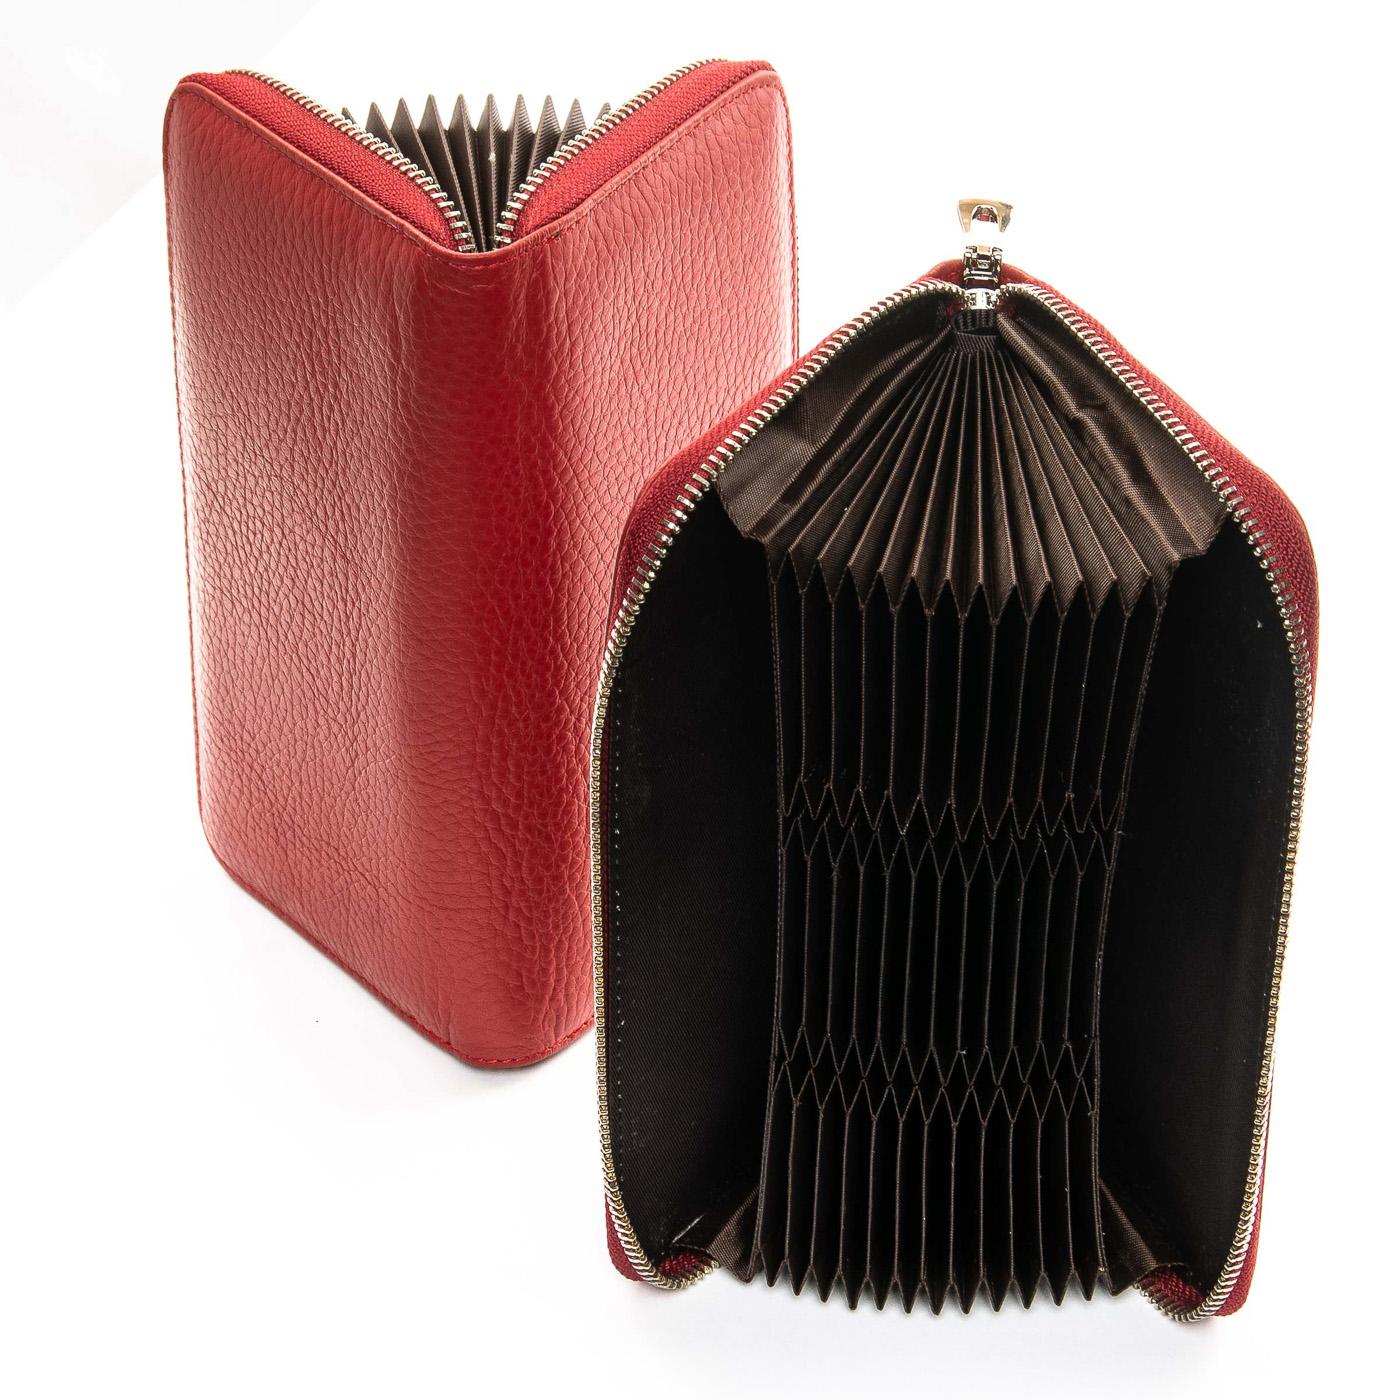 Кошелек Classic кожа DR. BOND WS-8 red - фото 4